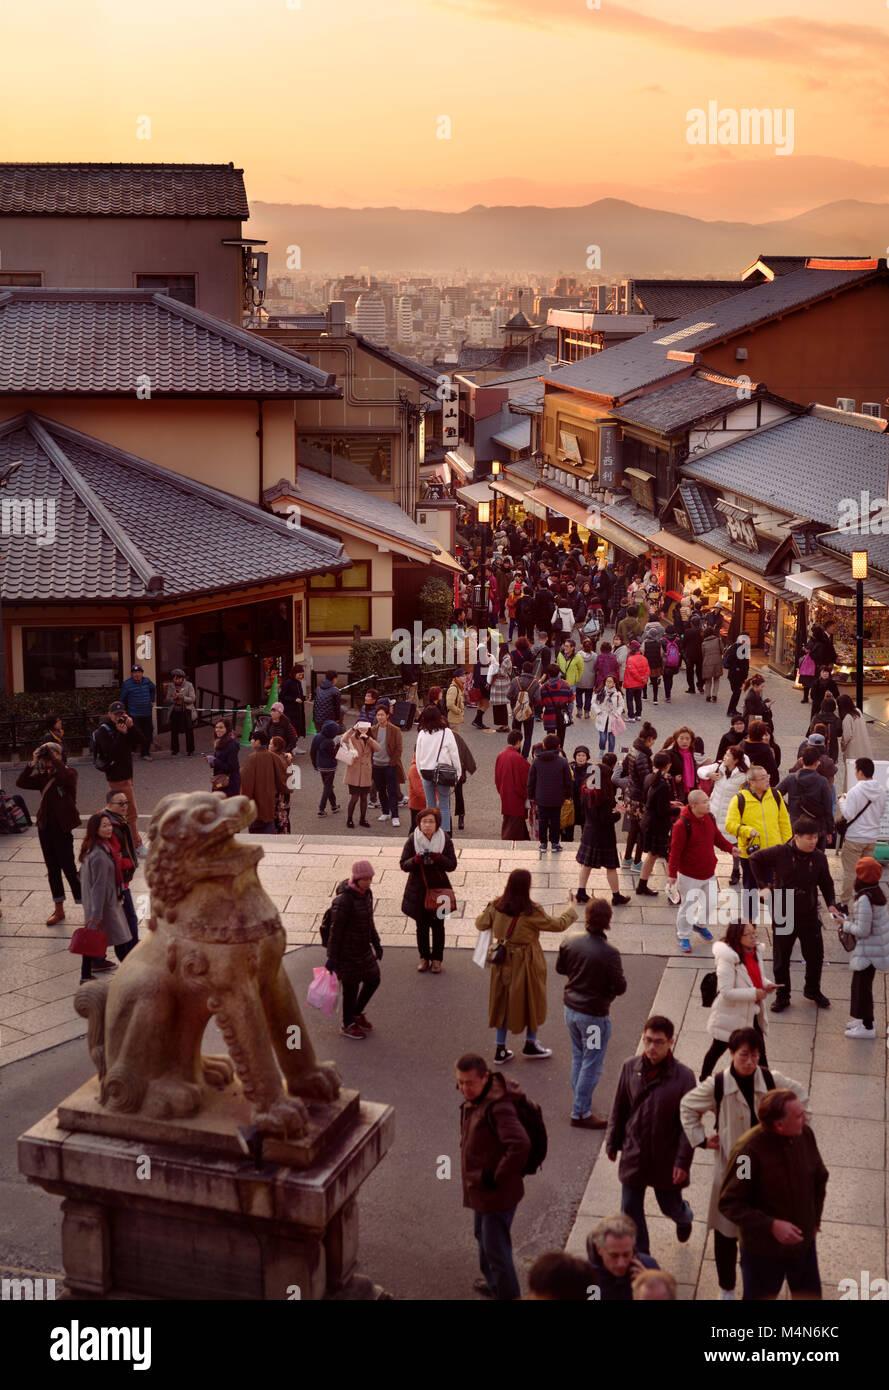 Matsubara dori street al atardecer en otoño, llena de turistas y visitantes en la entrada al templo budista Imagen De Stock